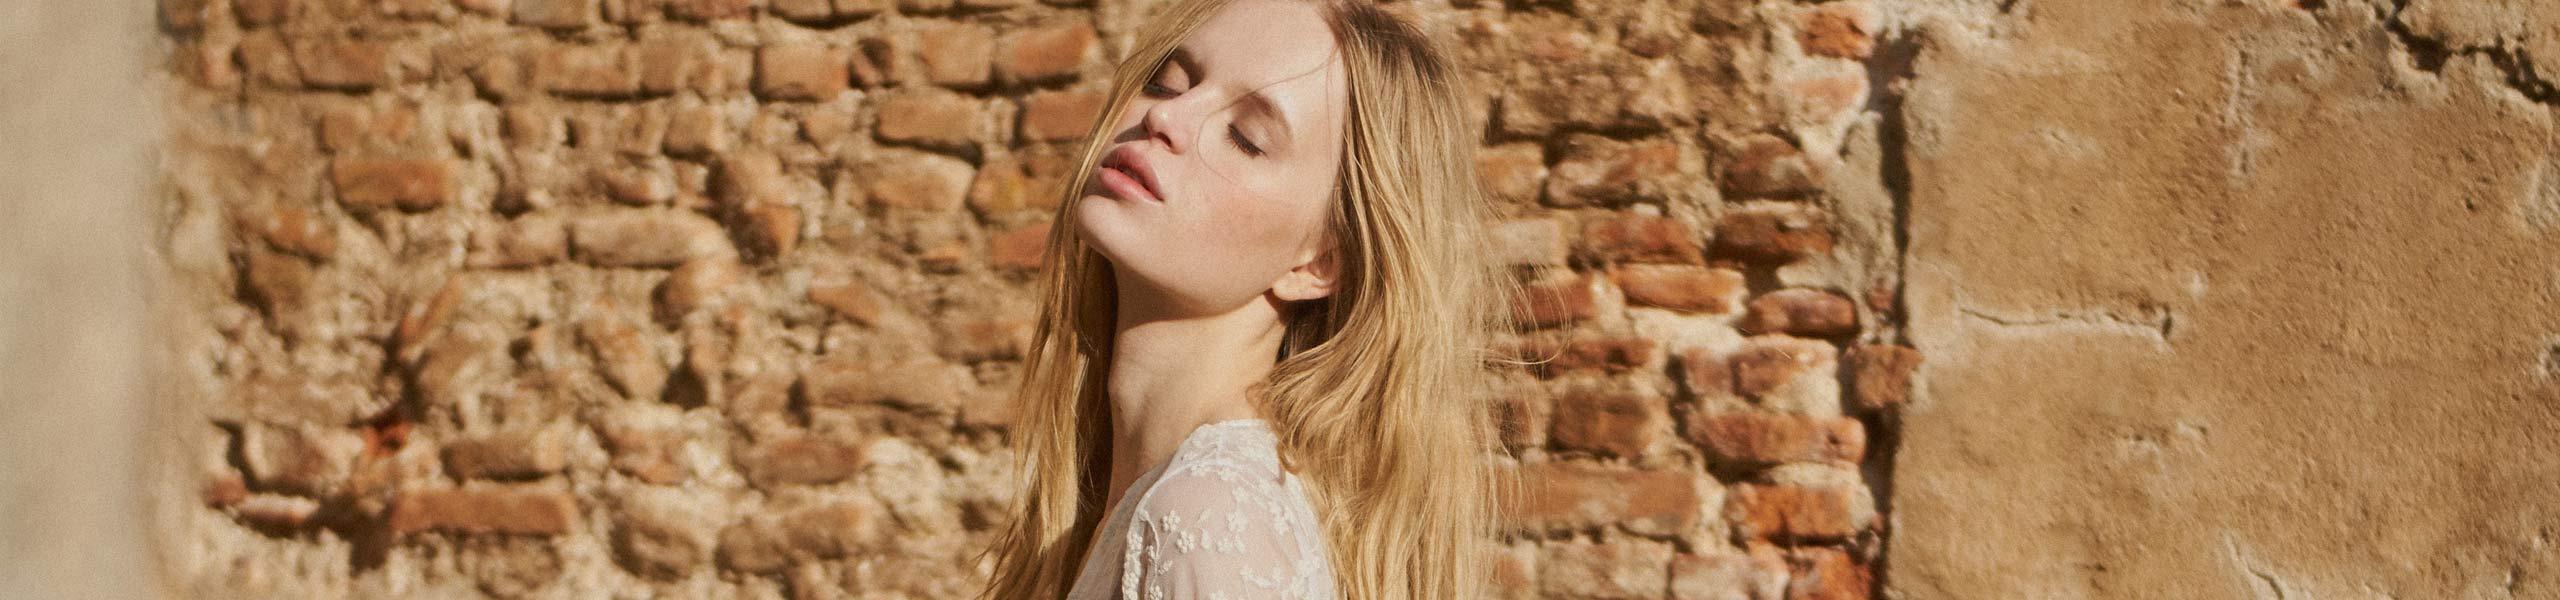 Mujer rubia al sol